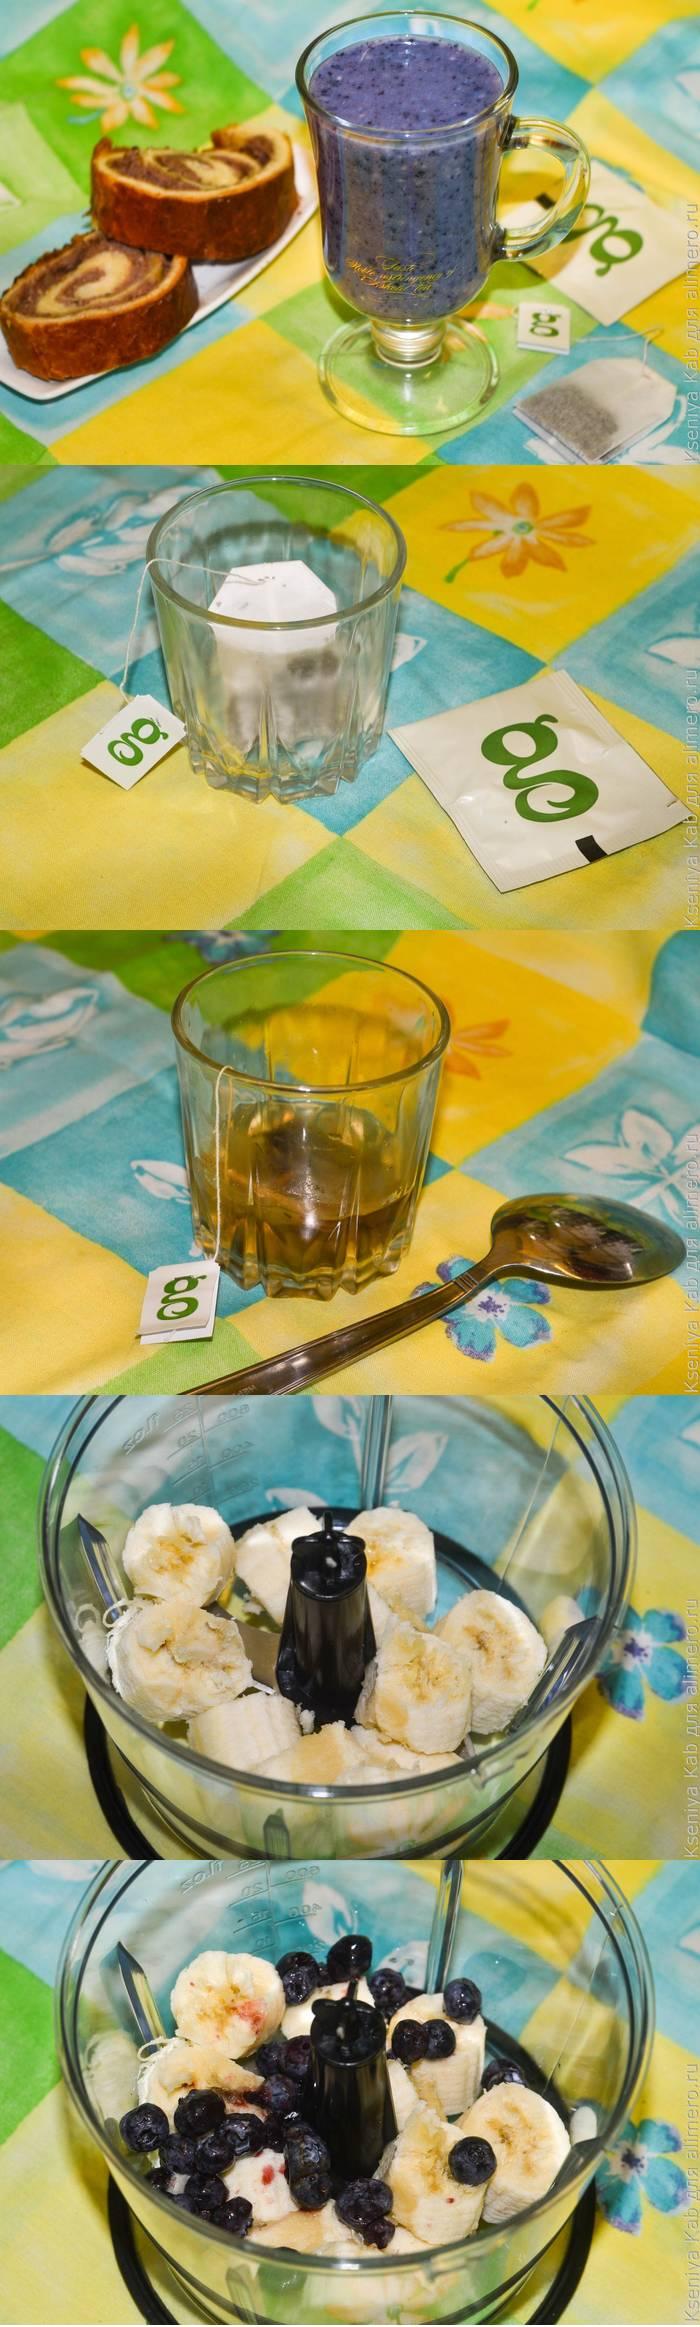 Банановый смузи с молочным чаем и голубикой